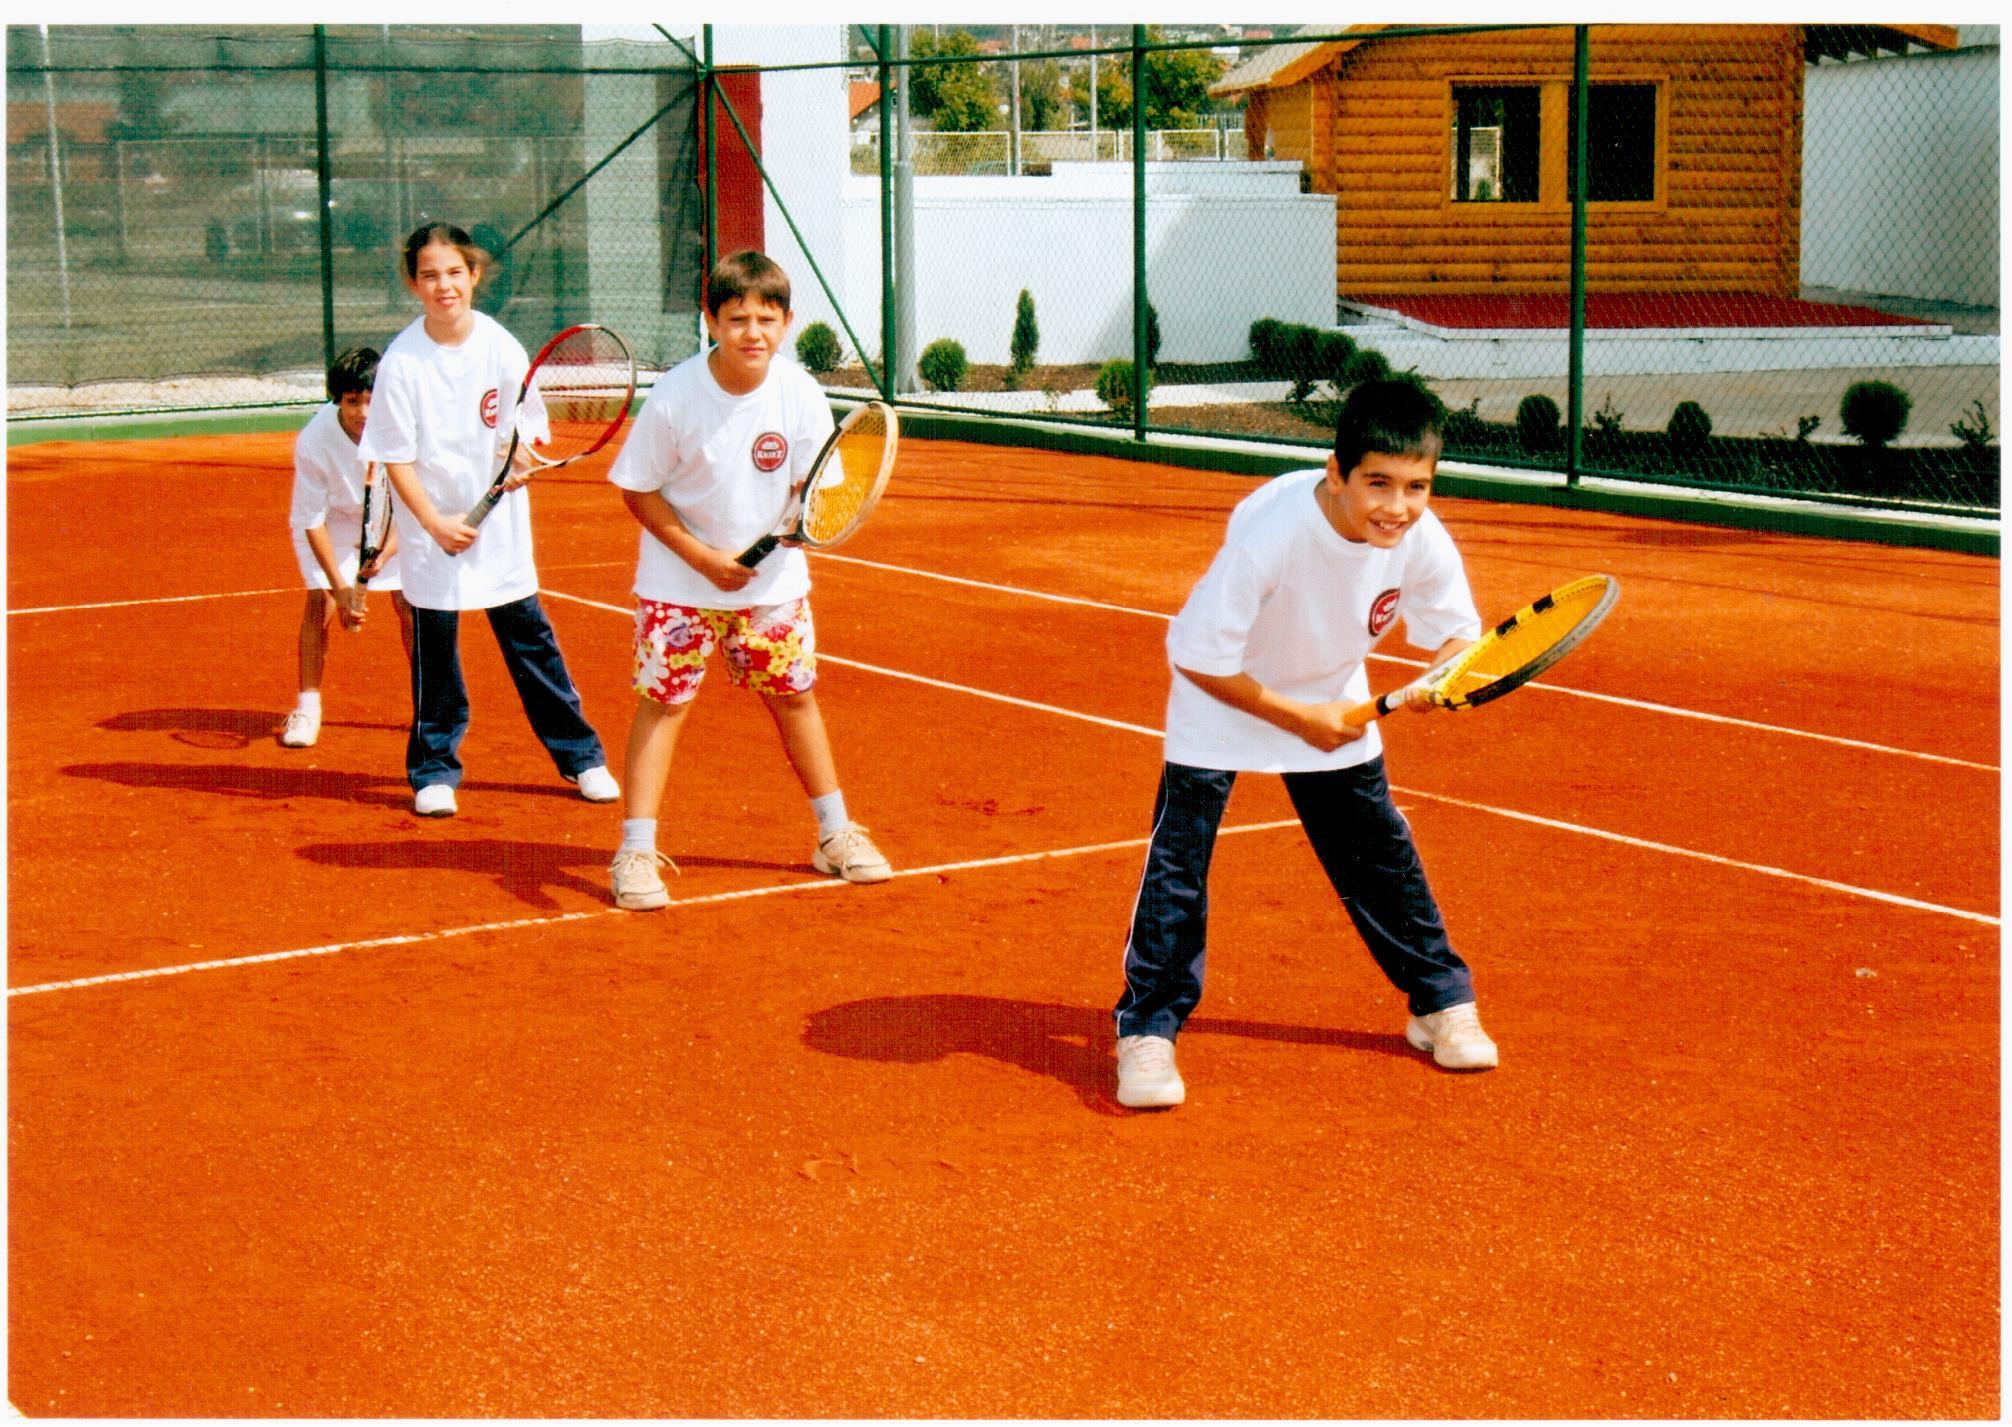 Teniski-tereni-trening-2